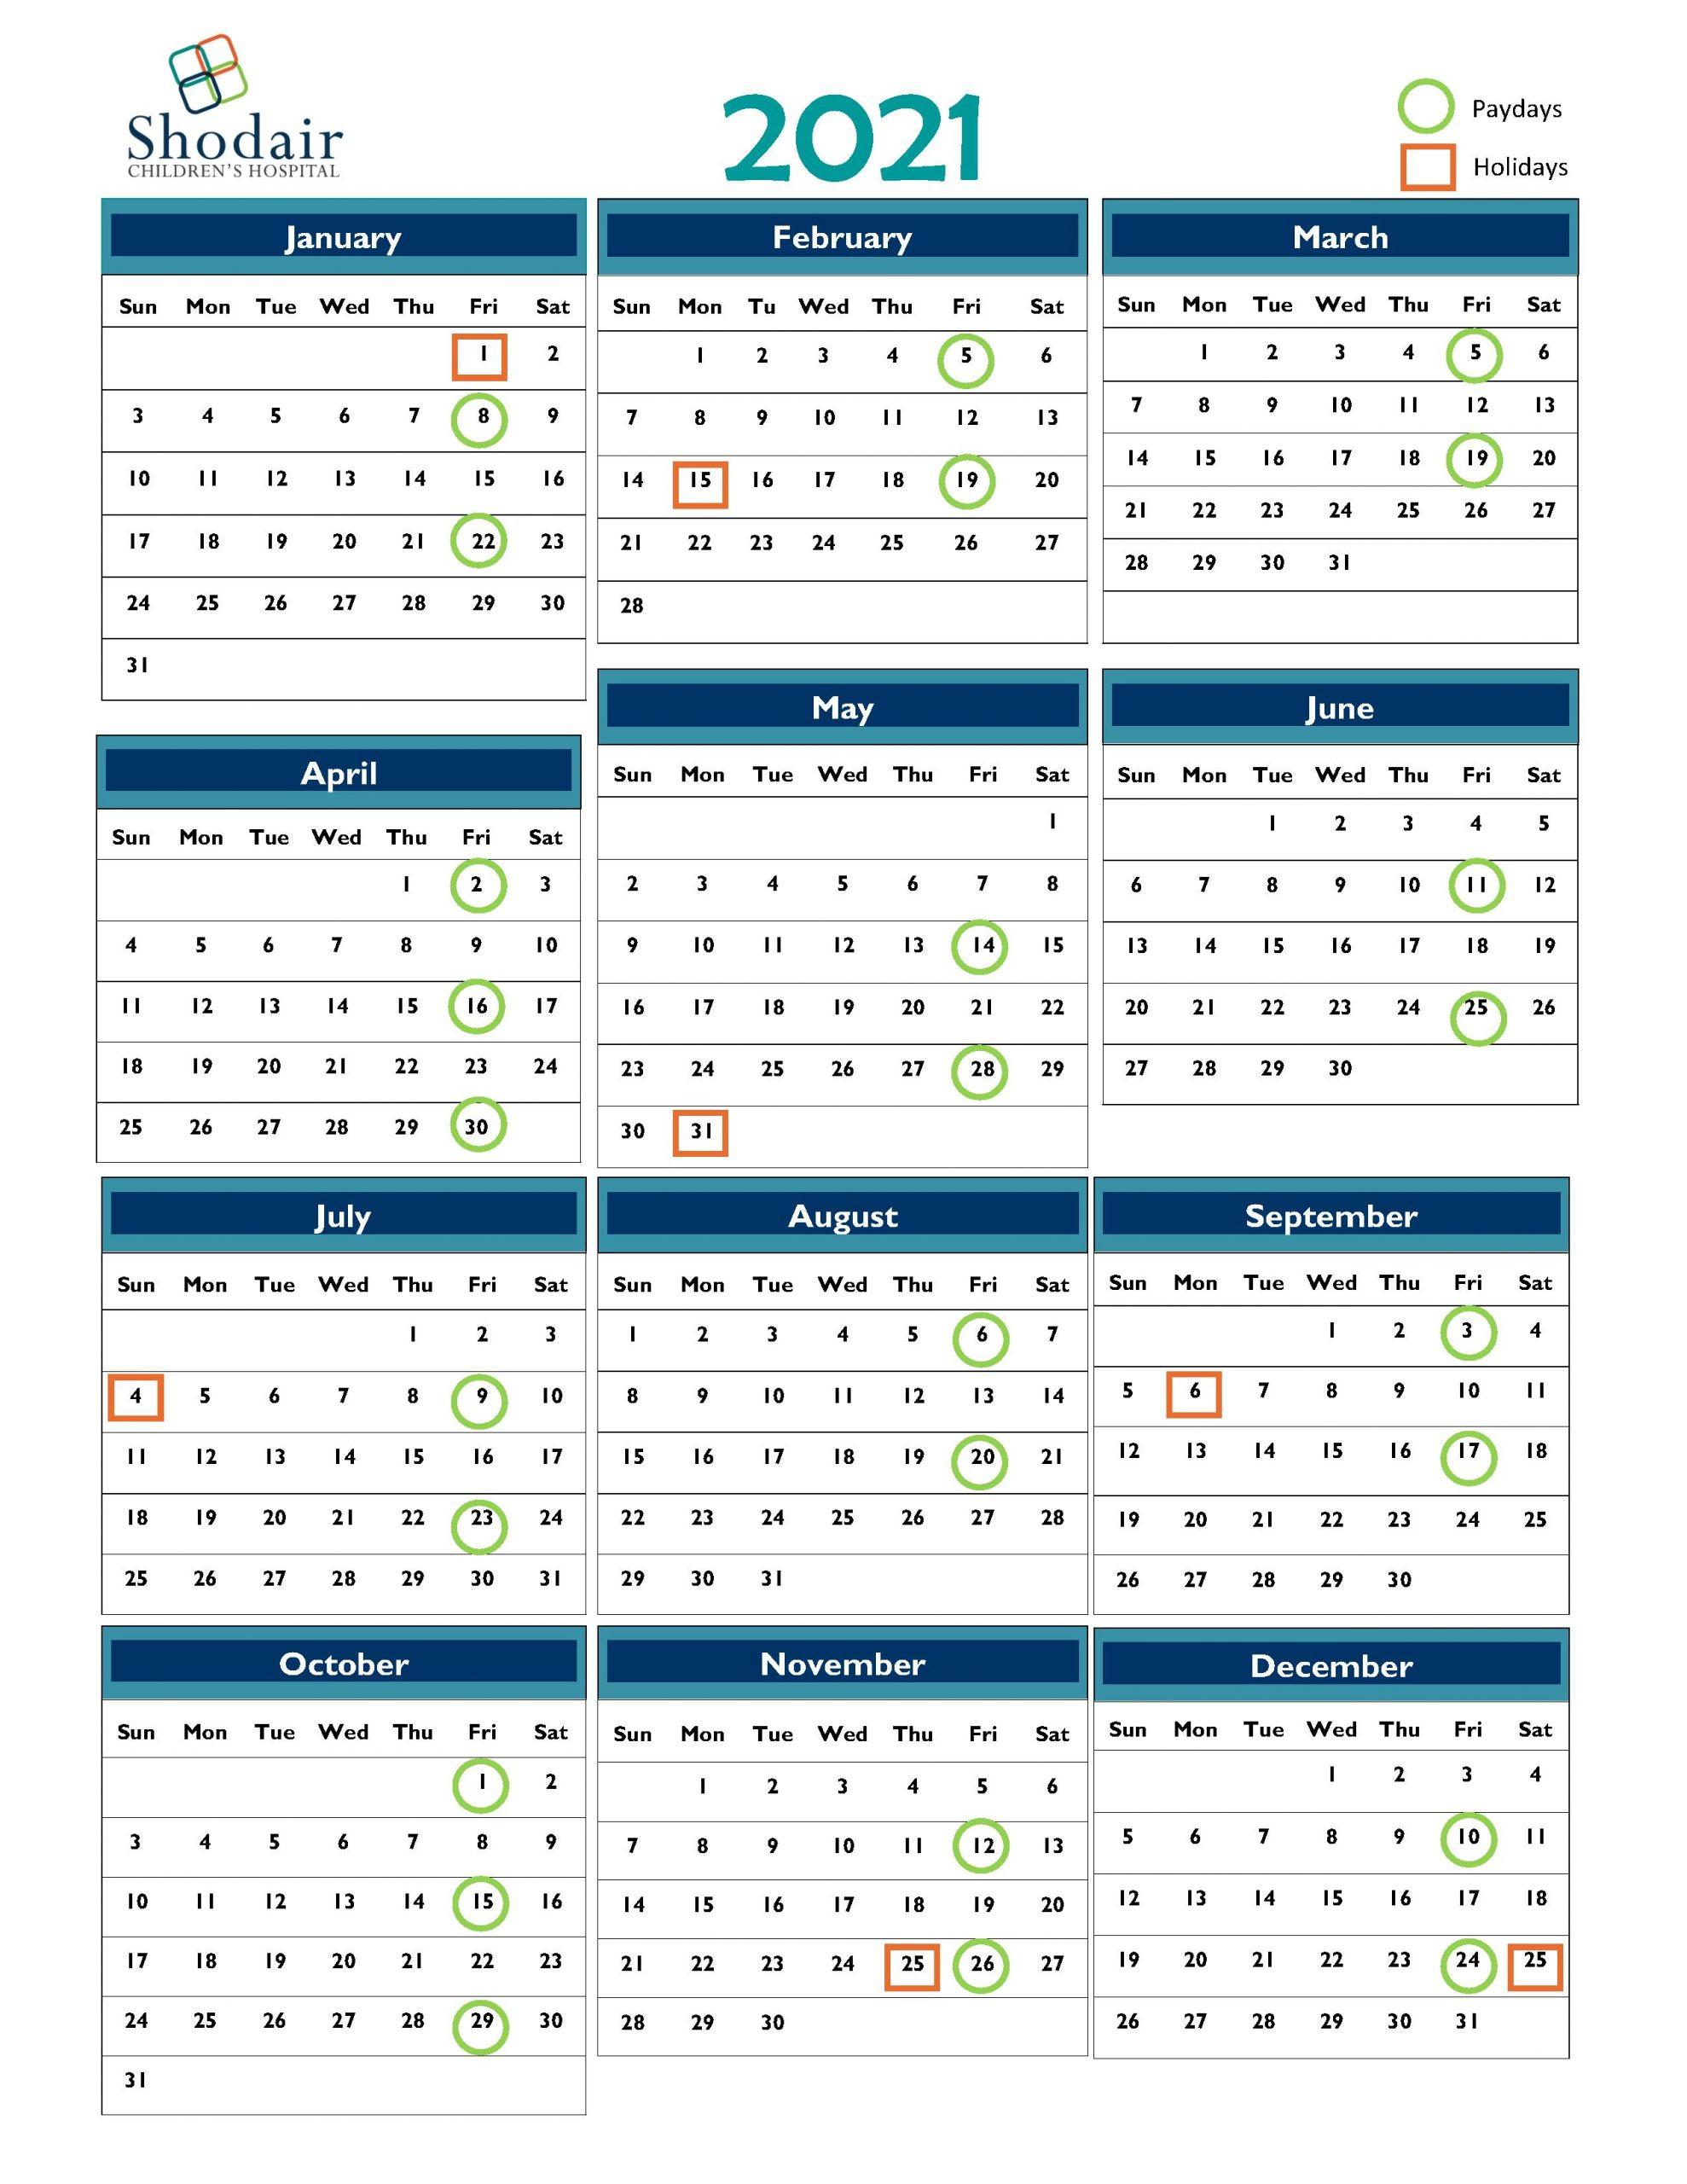 2021 Payroll Calendar | Shodair Children'S Hospital-Bill Payment Calendar 2021